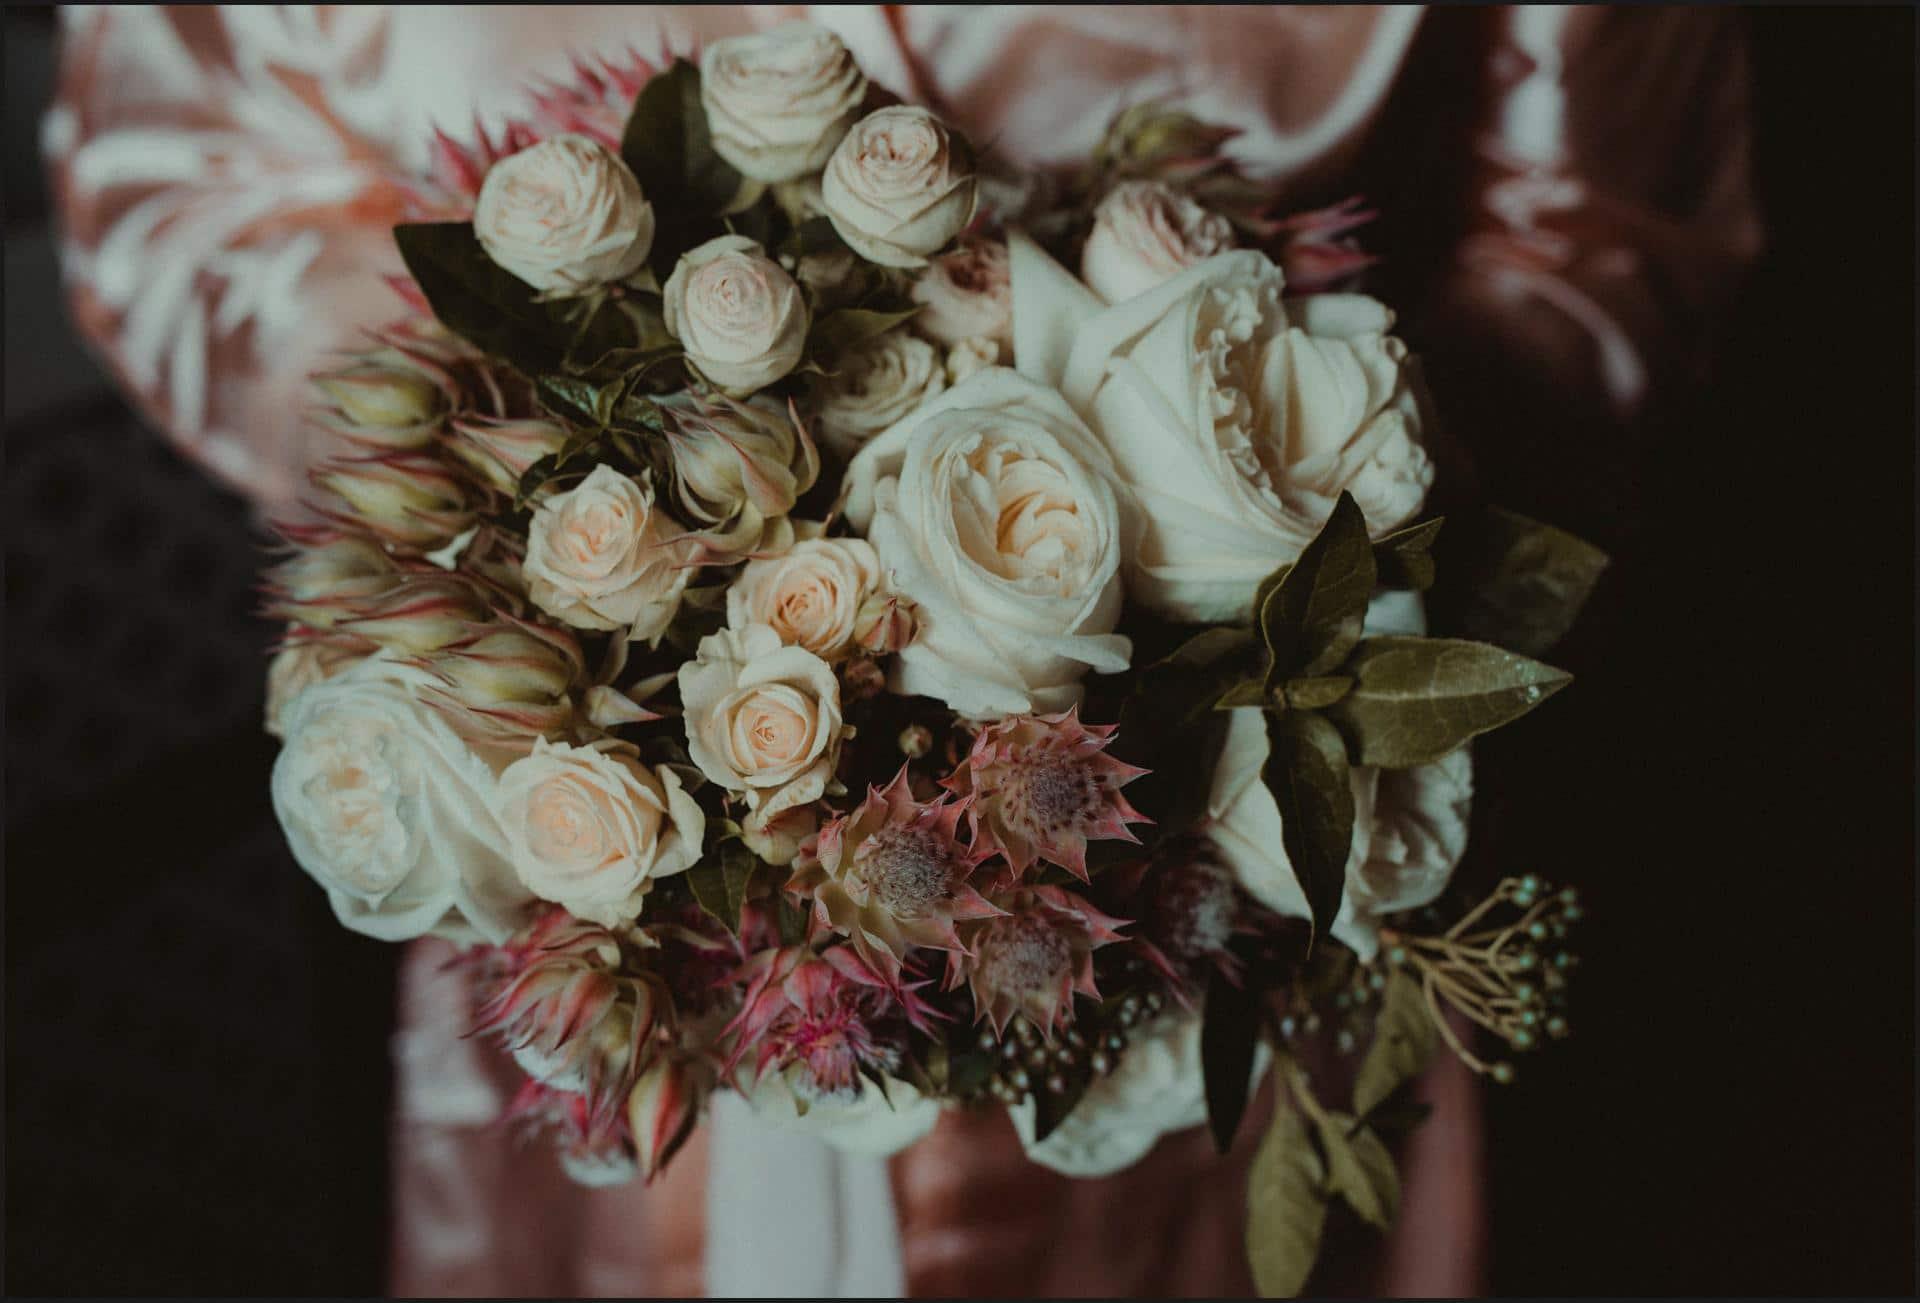 borgo di tragliata, wedding, rome, wedding in rome, flowers, bouquet, bride